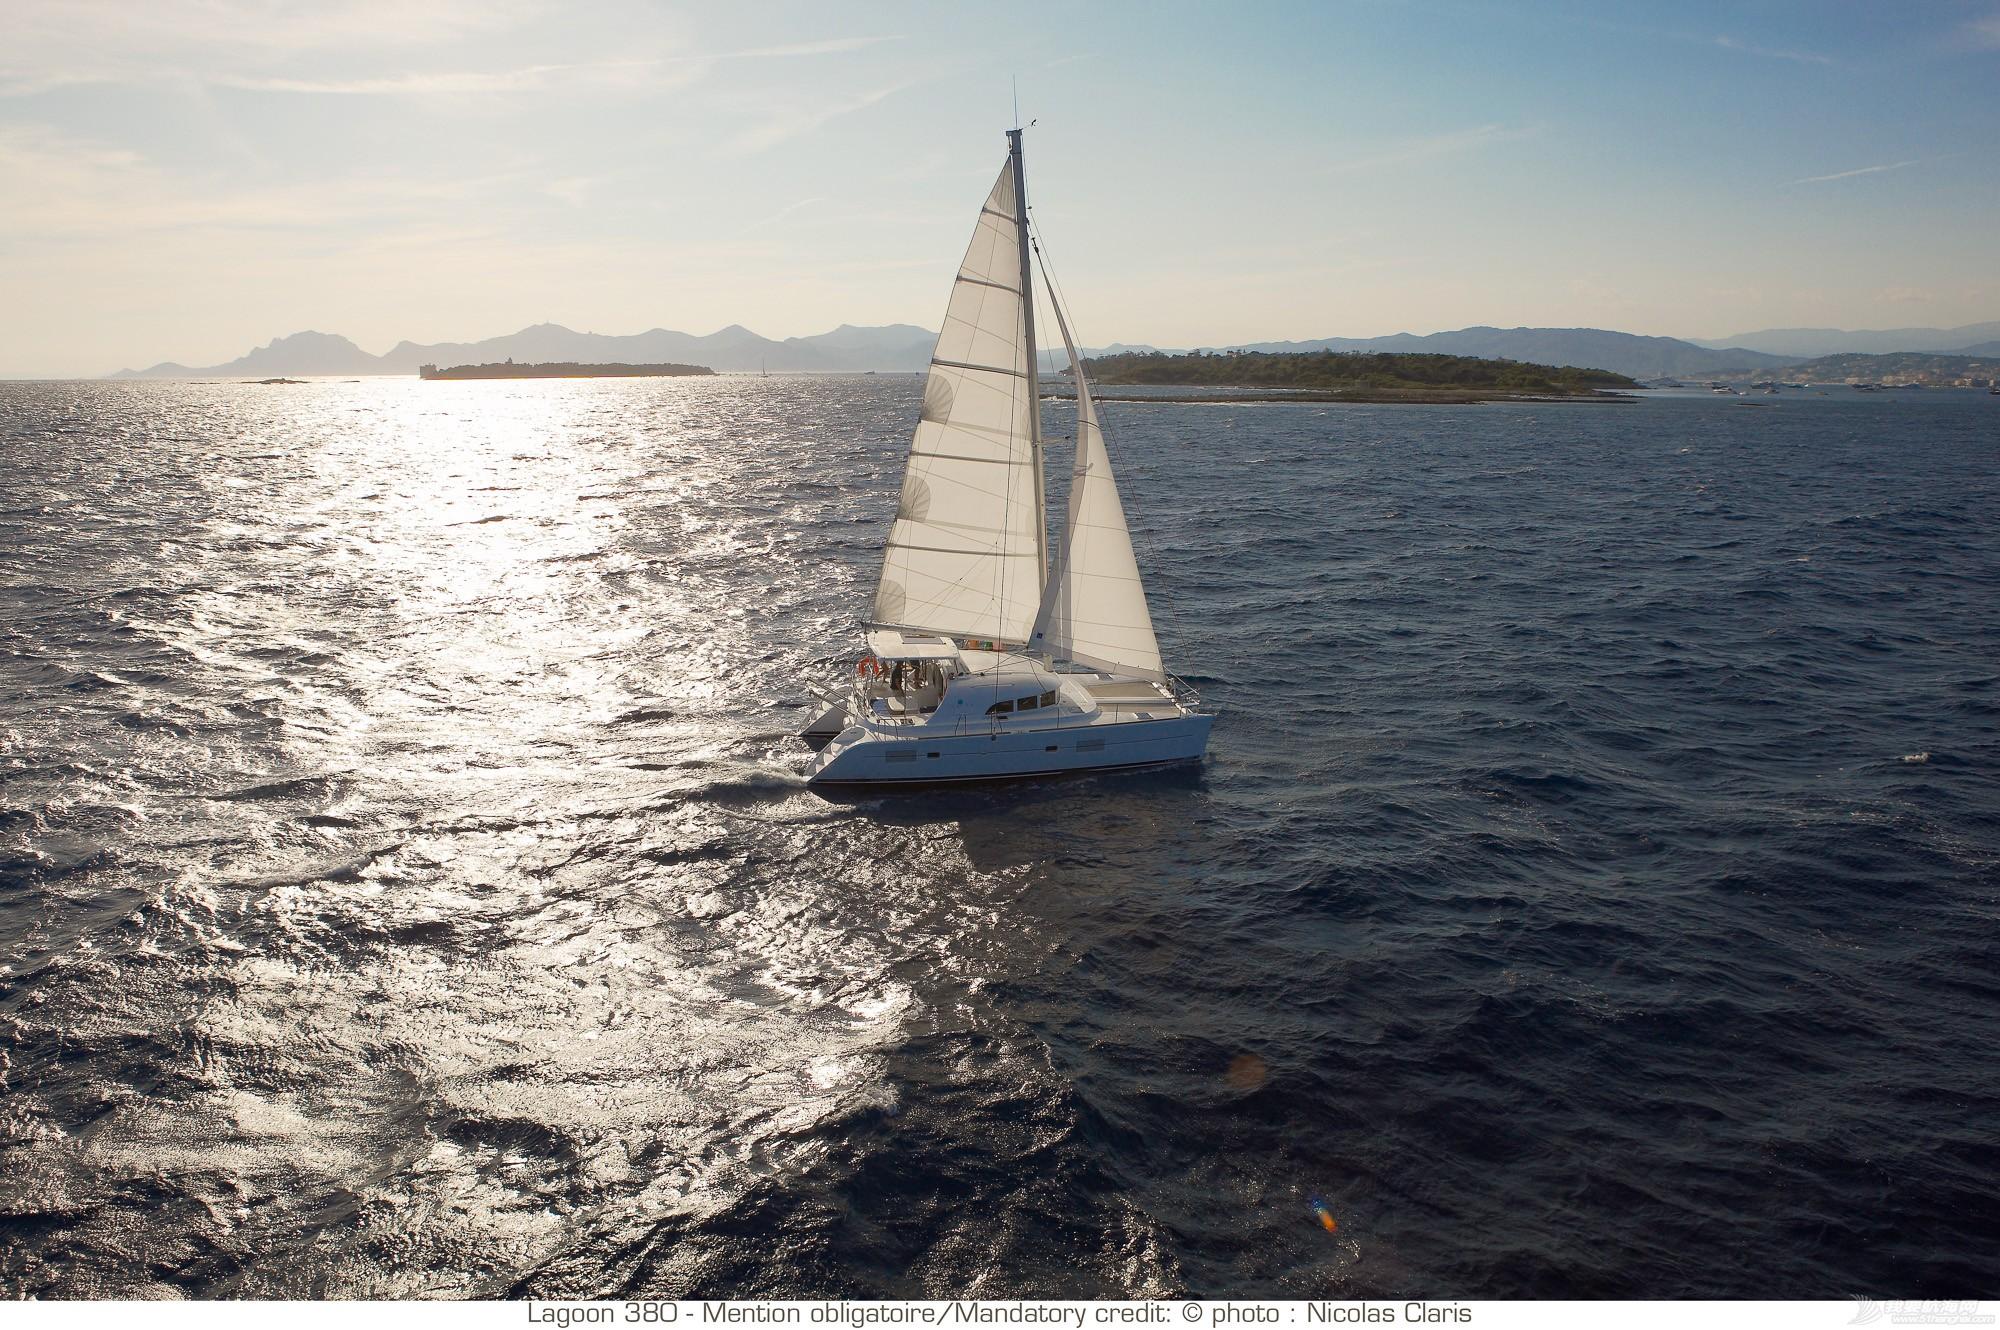 帆船 lagoon 380 蓝高380双体帆船 nav_L380_45R2637.jpg